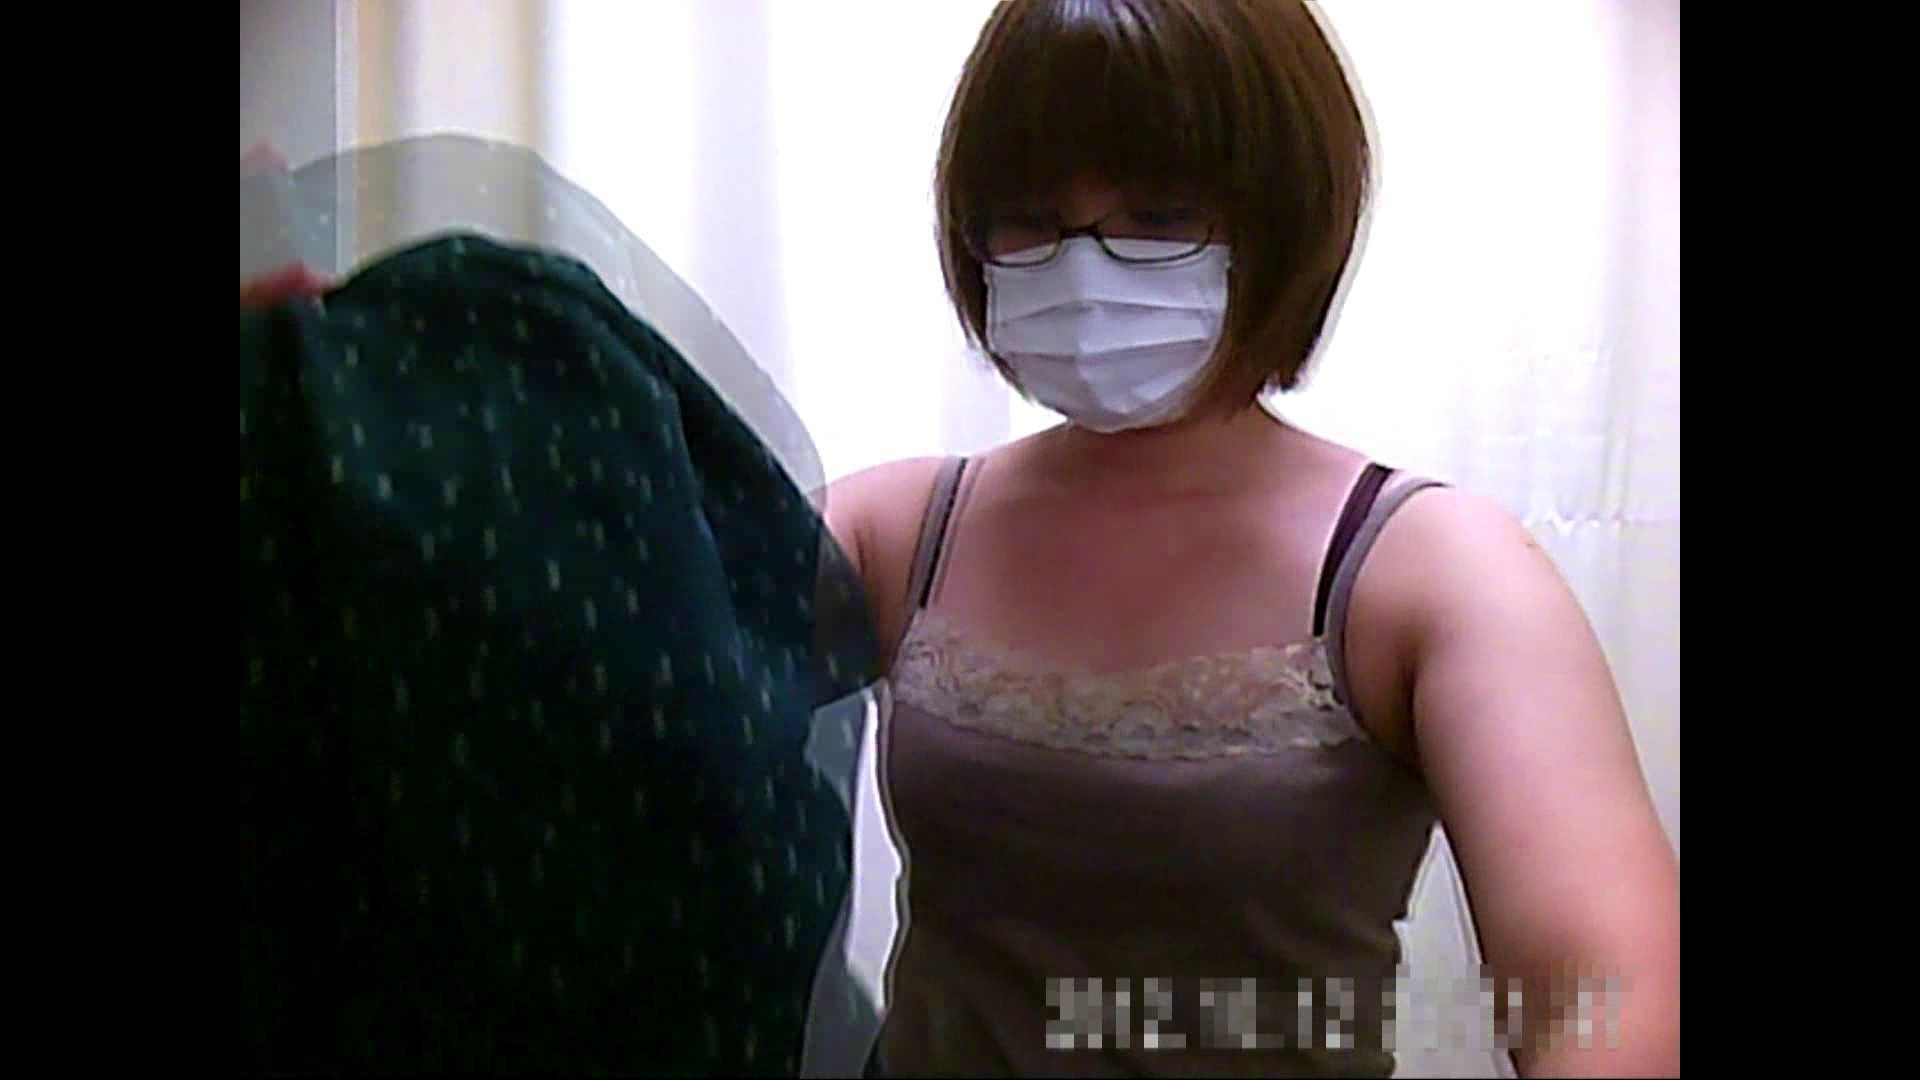 元医者による反抗 更衣室地獄絵巻 vol.061 OLハメ撮り  91Pix 56